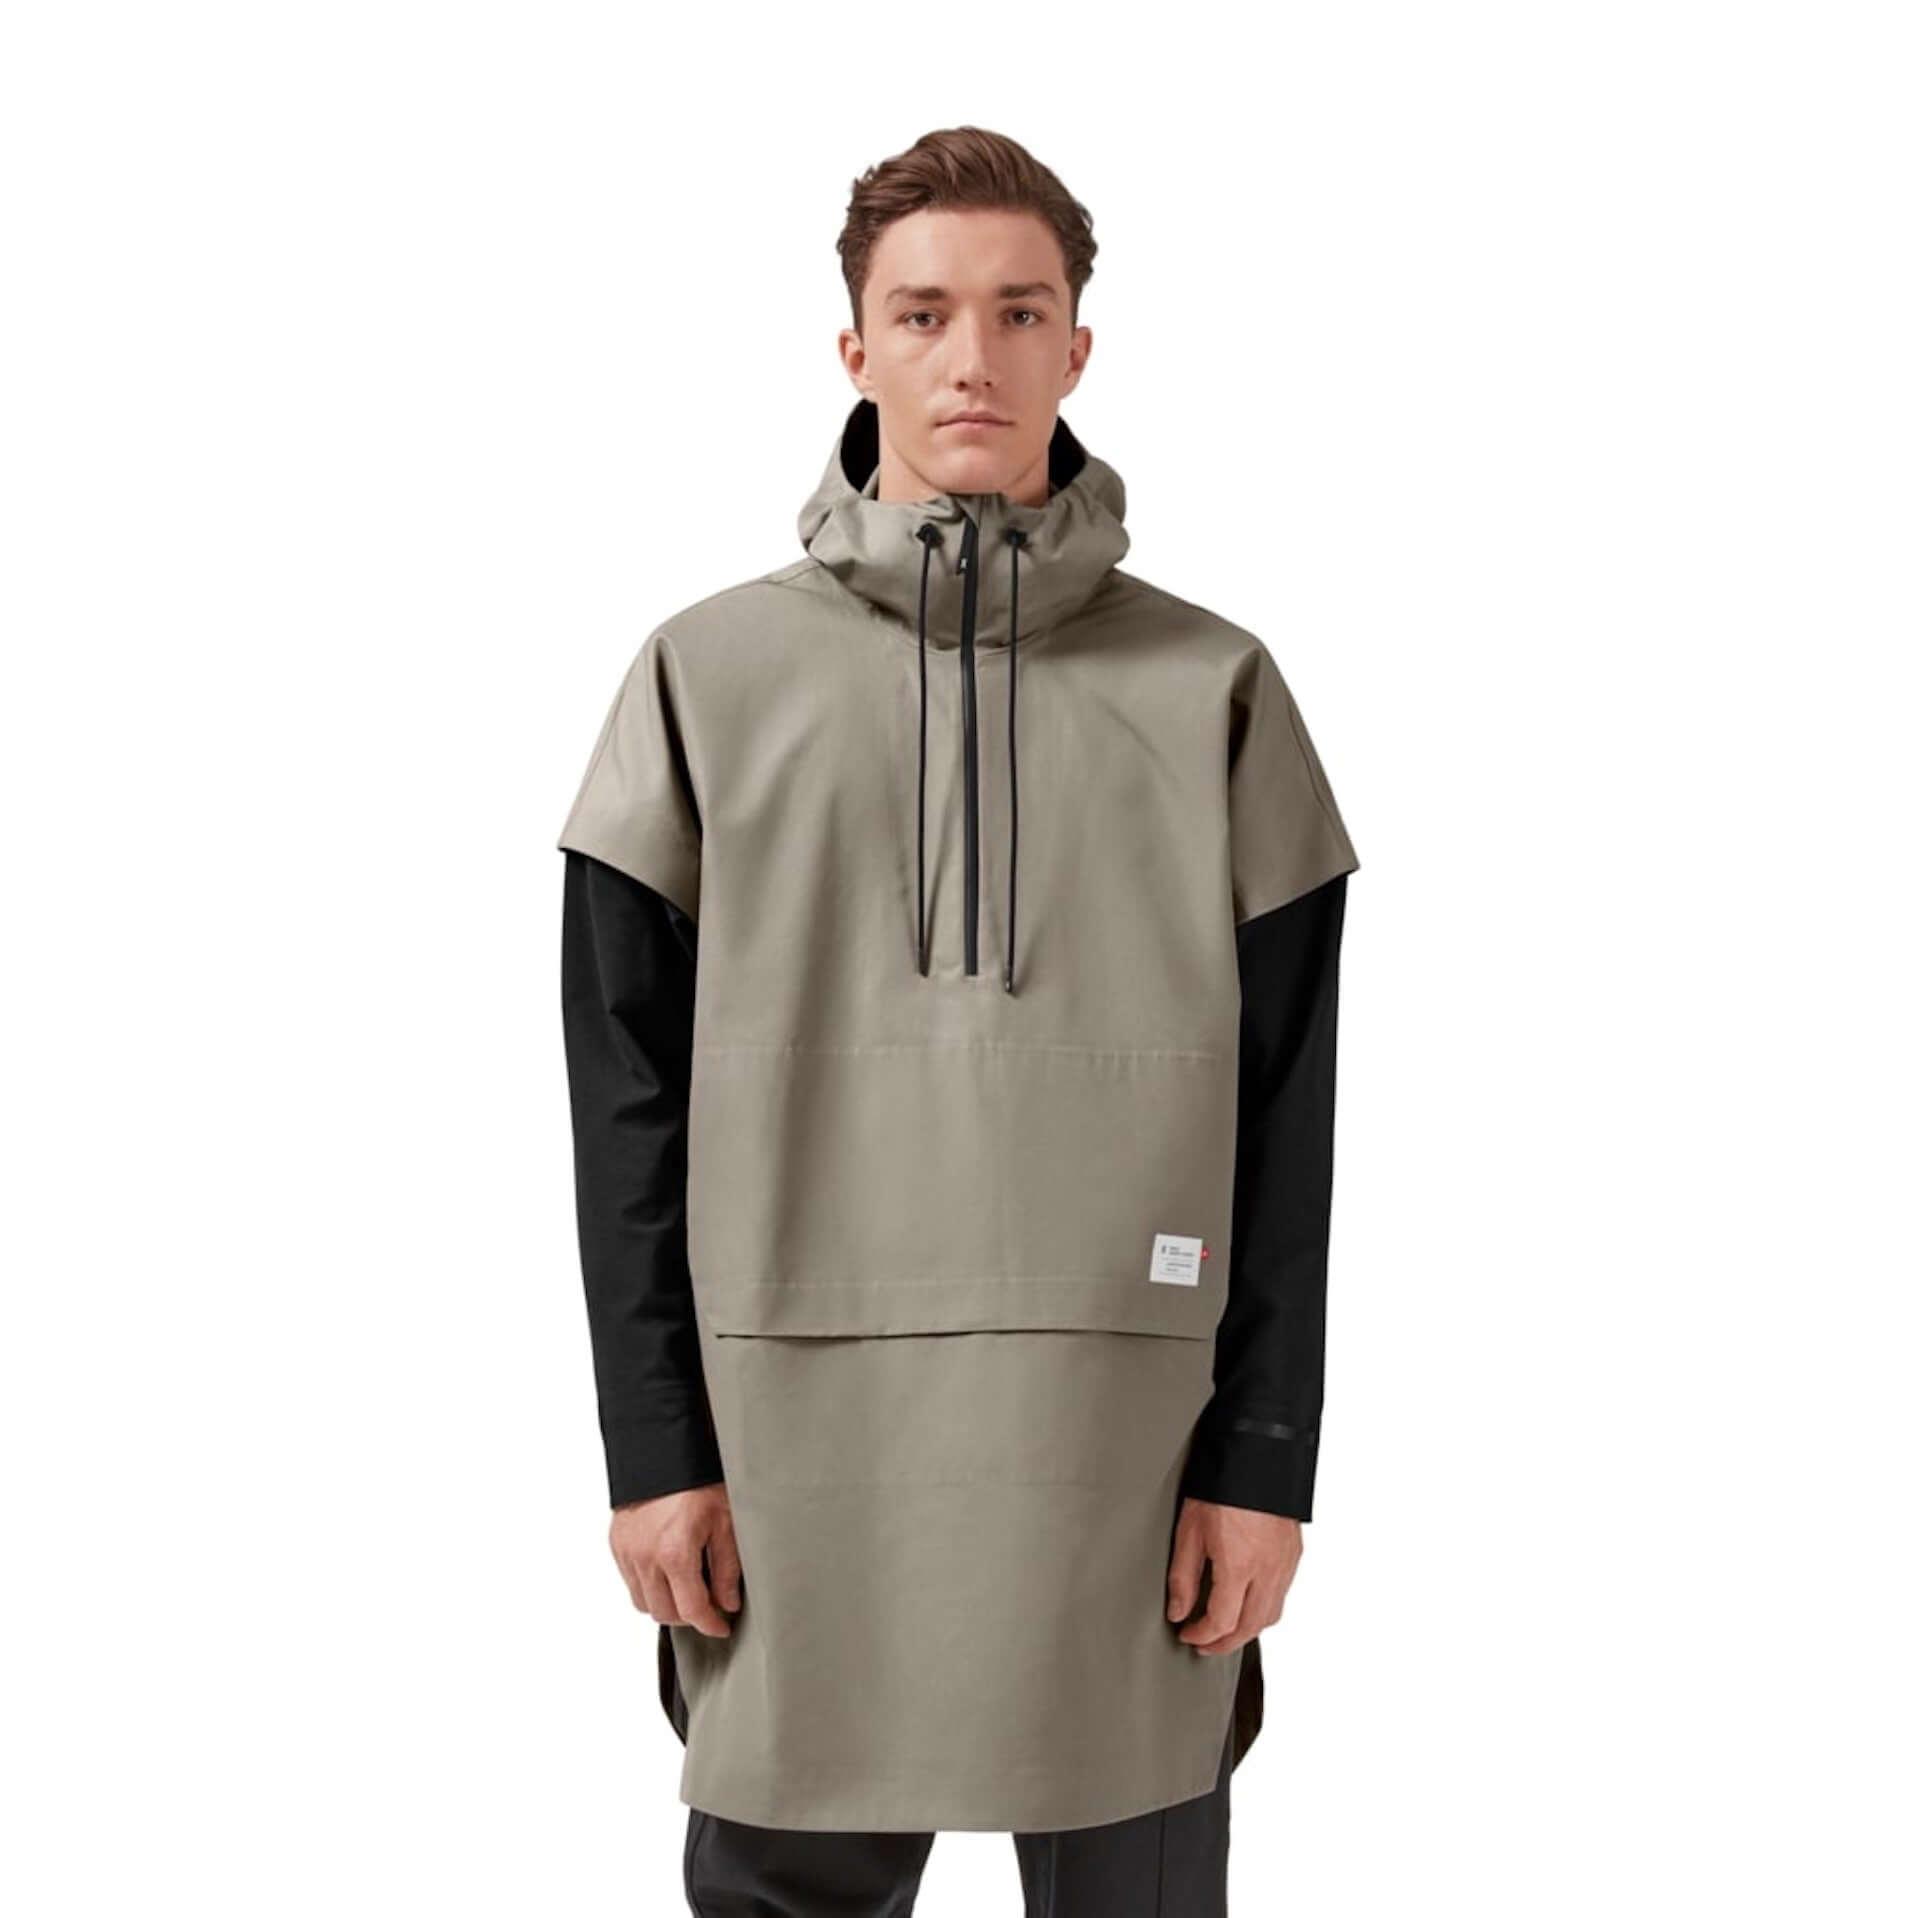 スイス発ブランド「On」が世界600着限定のハイエンドジャケットを発売!環境に配慮したオーガニックコットンを使用 lf201015_on-jacket_15-1920x1918